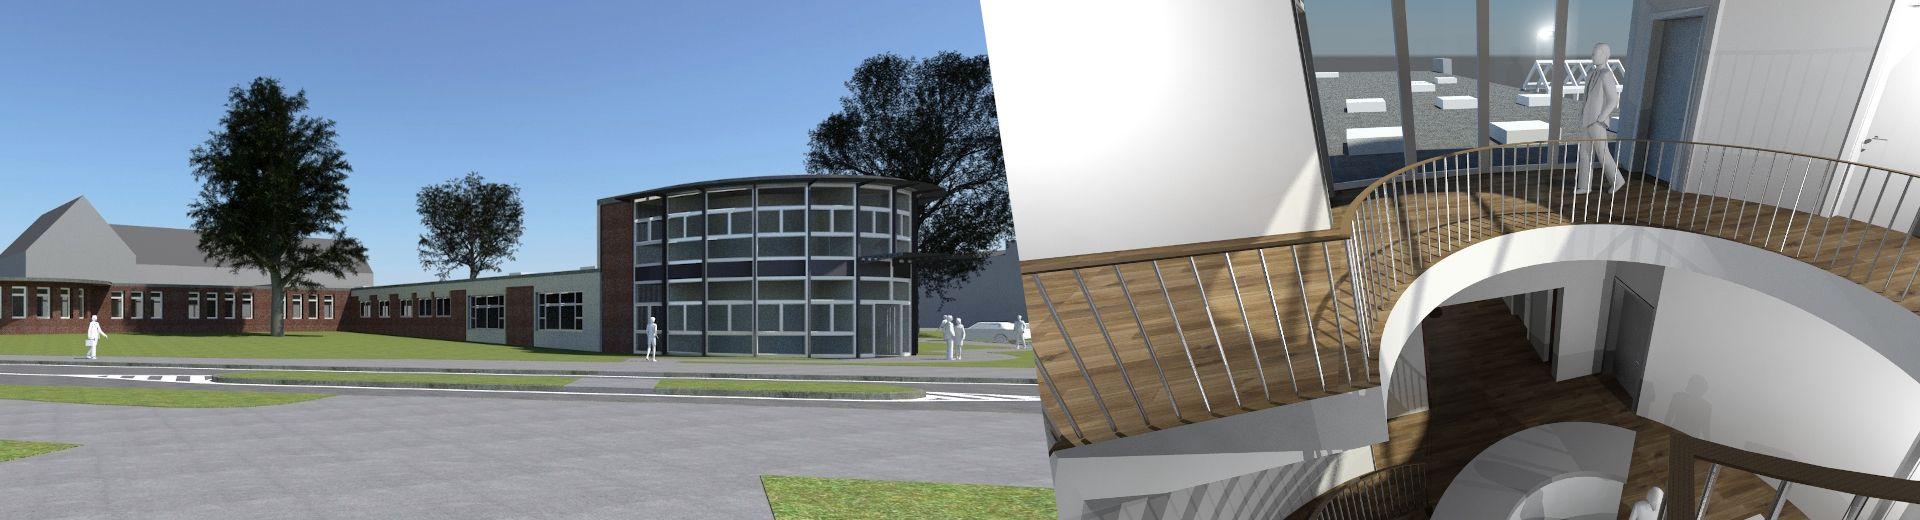 slider_2020_01_Erweiterung_Buero_u_Verwaltungszentrums_EGD.jpg